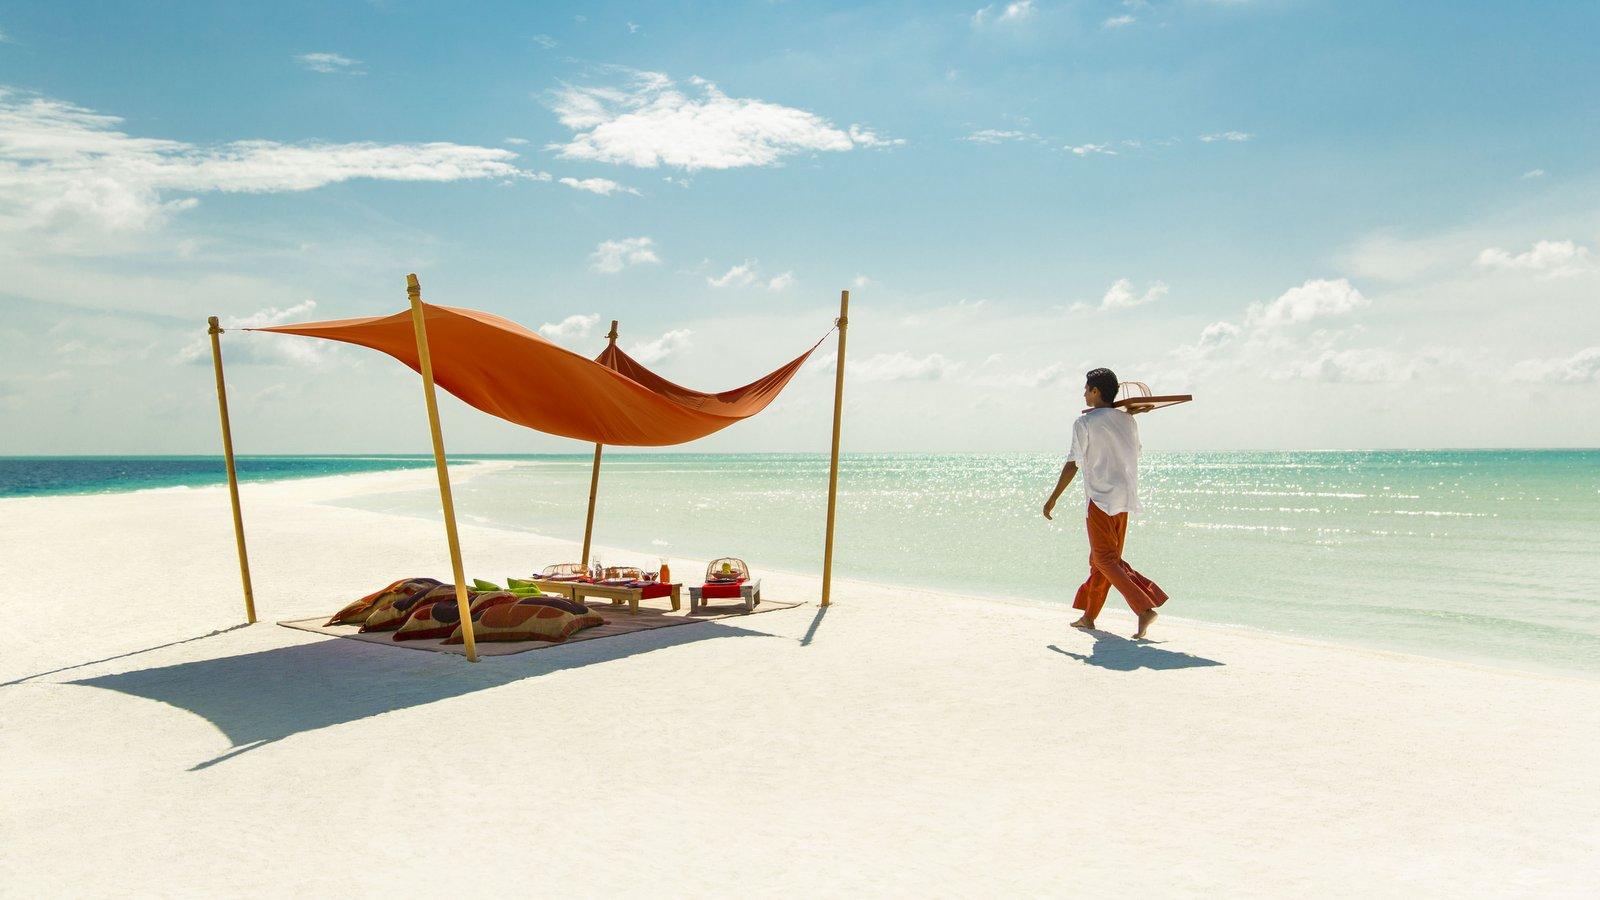 Мальдивы, отель COMO Cocoa Island, пикник